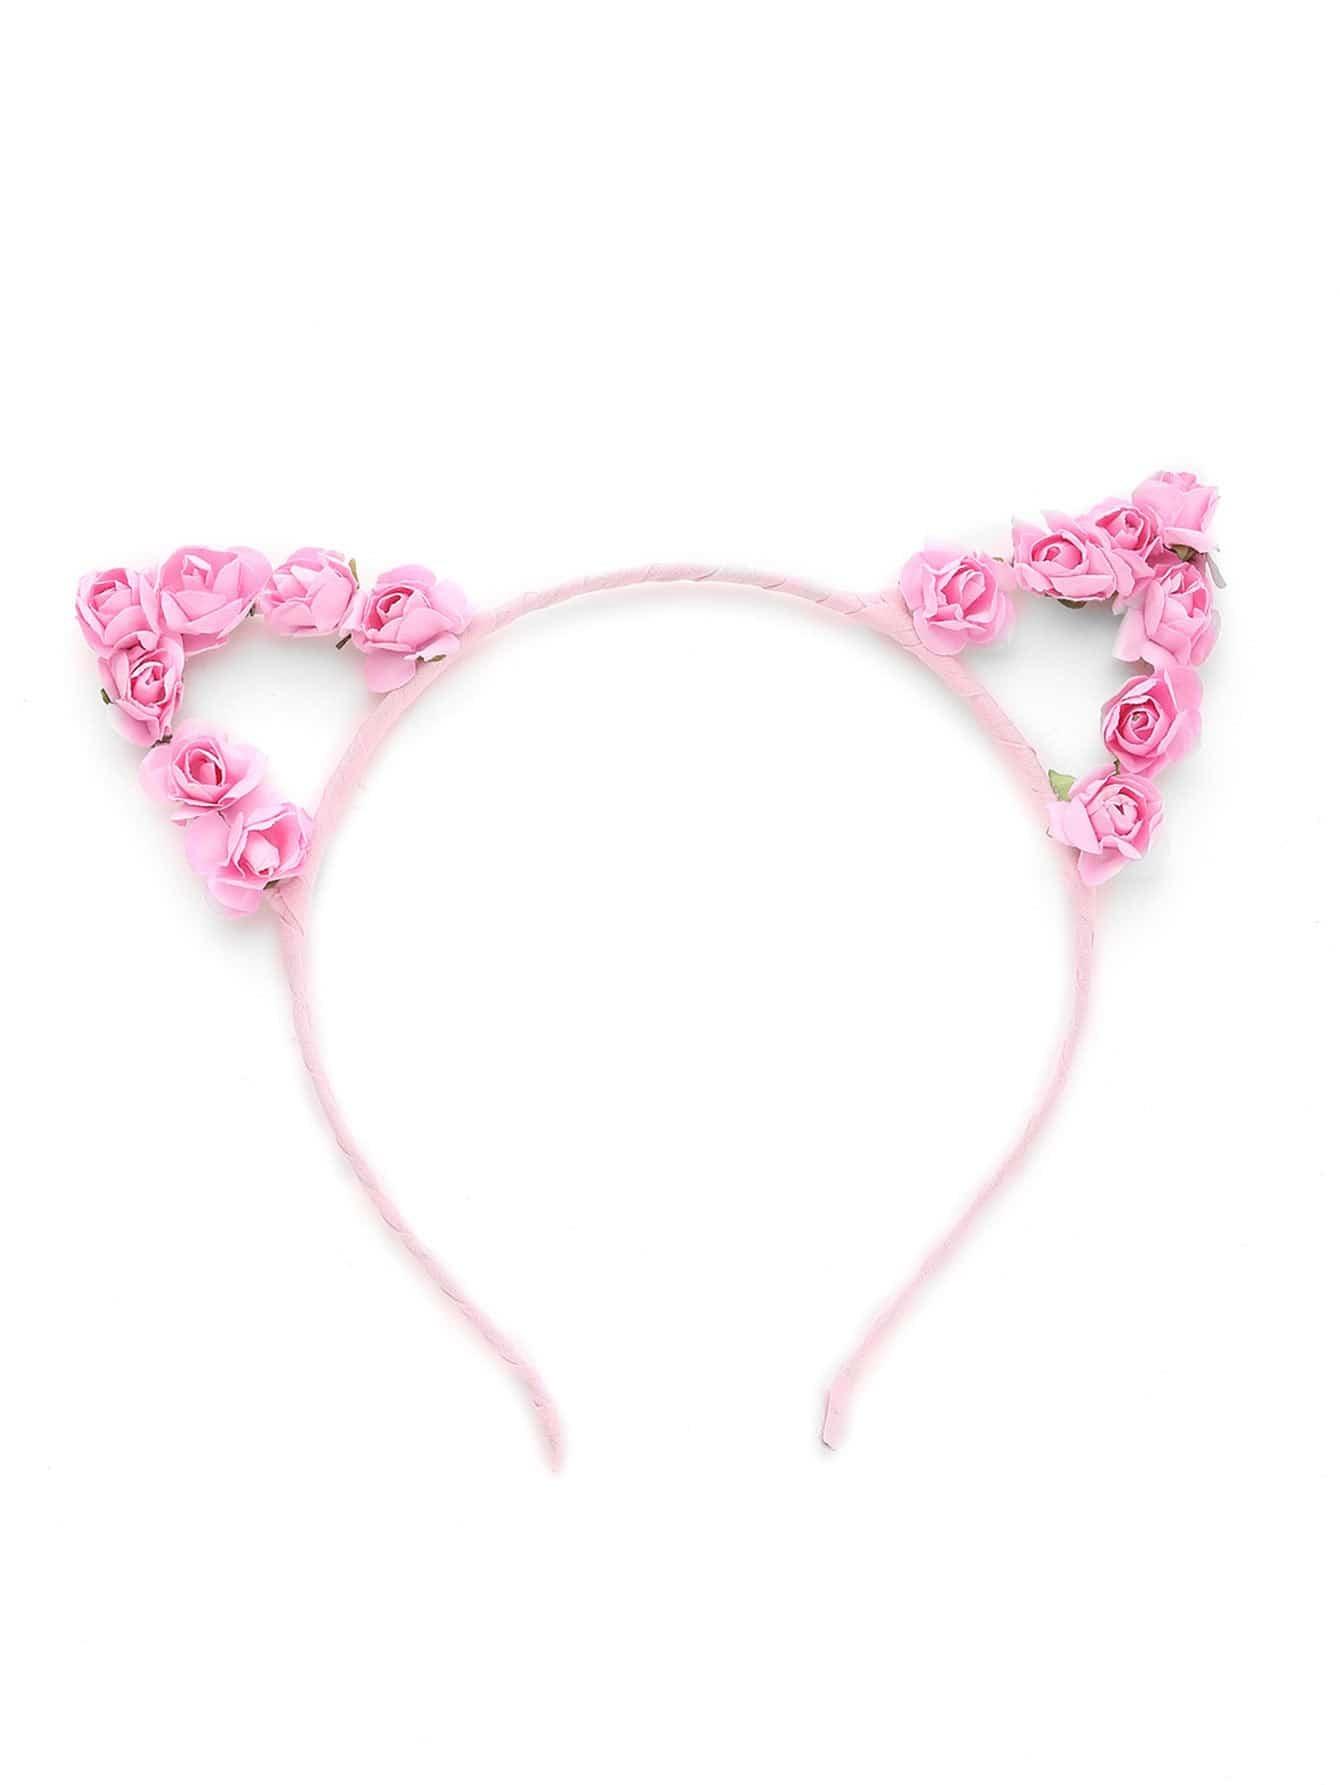 Купить со скидкой Flower Embellished Cat Ear Headband